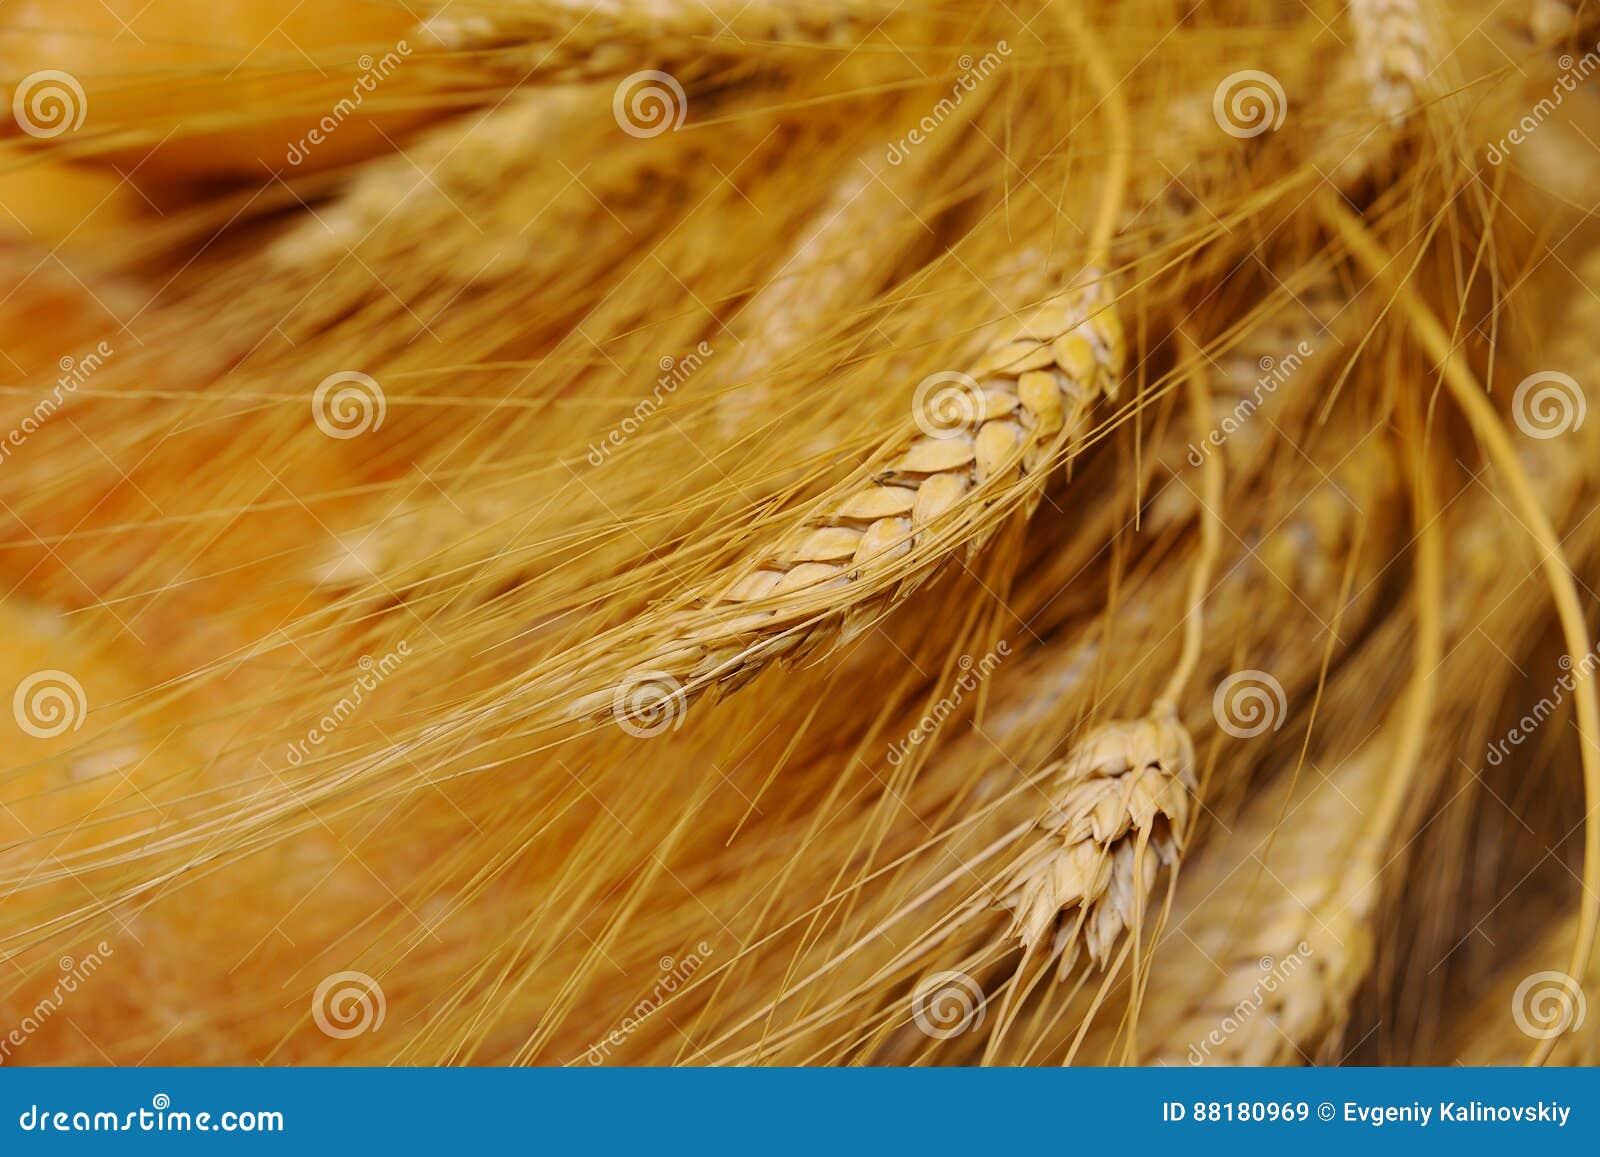 Öron av vete på en bakgrund av bröd